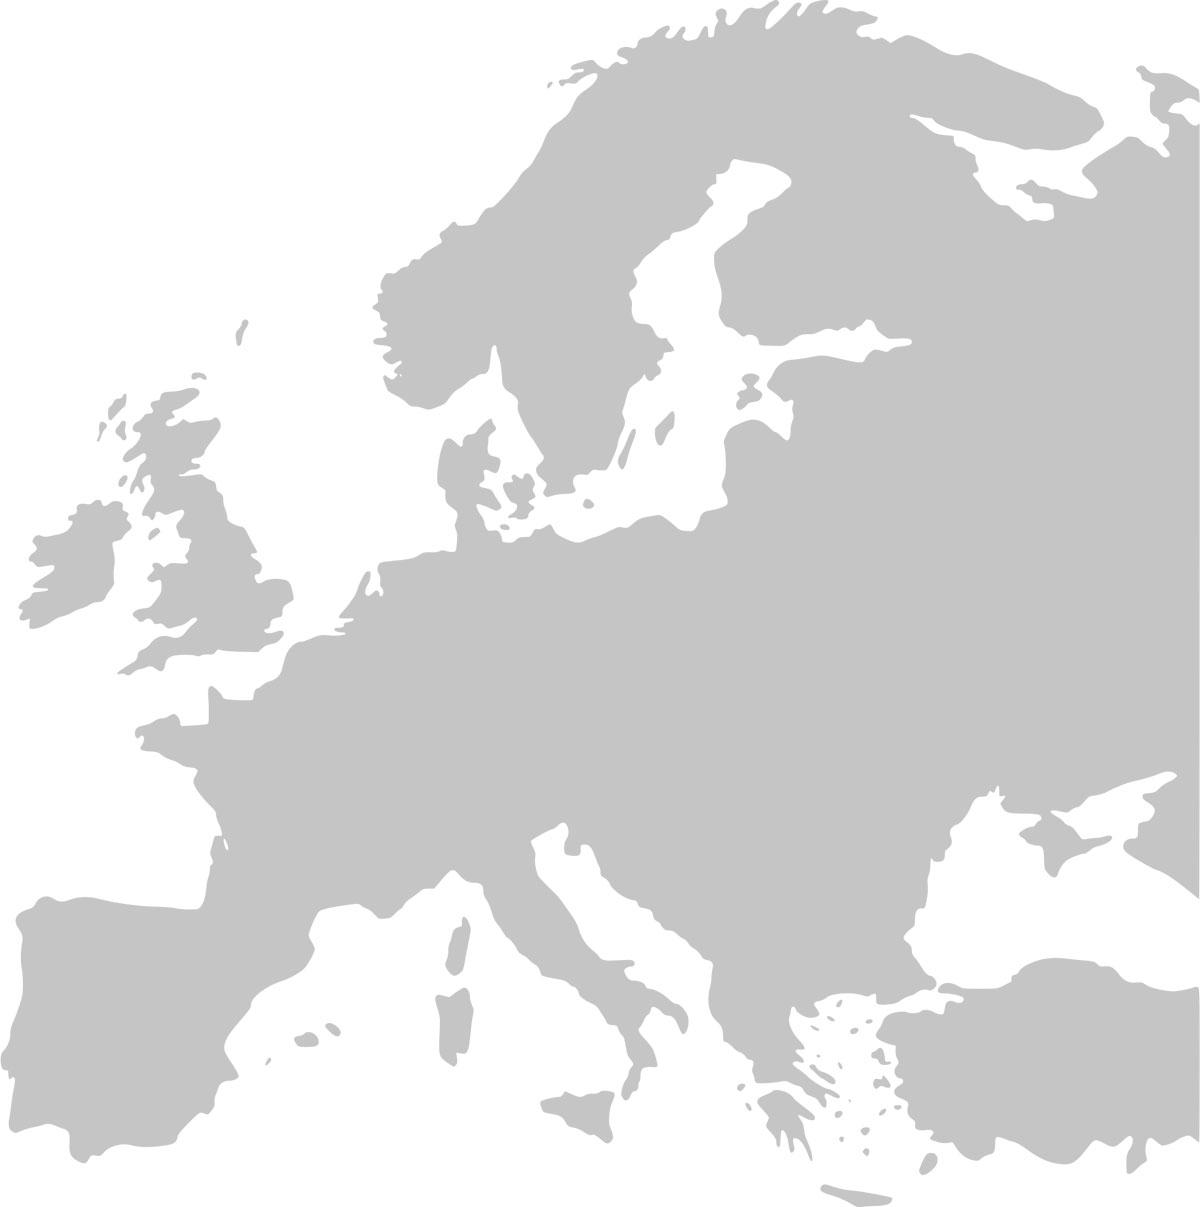 europe map grey